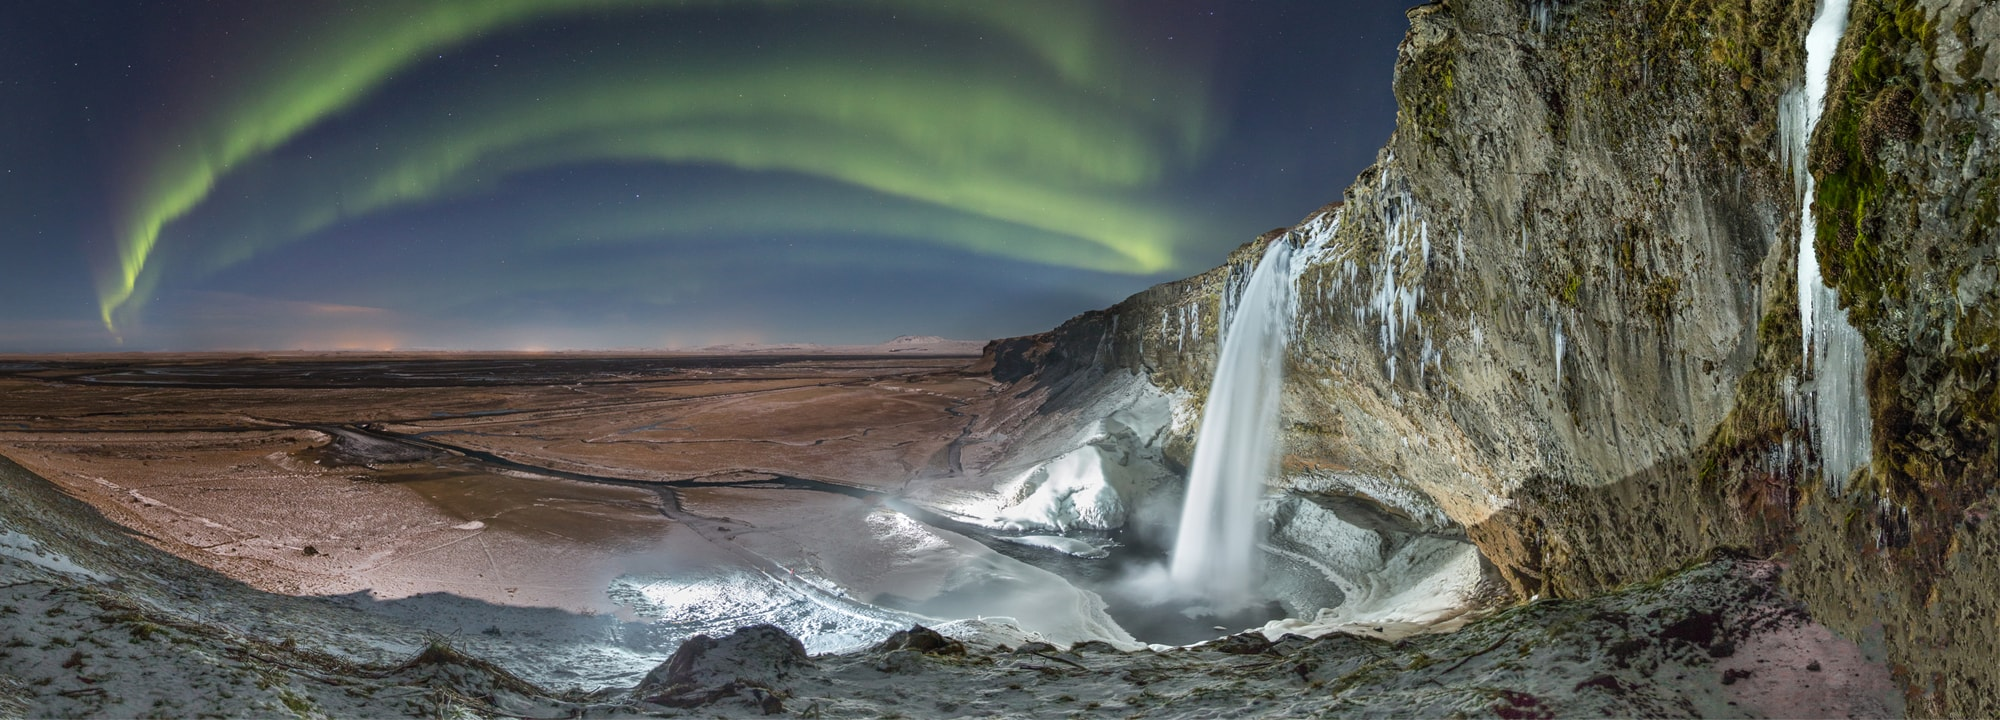 Vodopády - úvodní fotografie